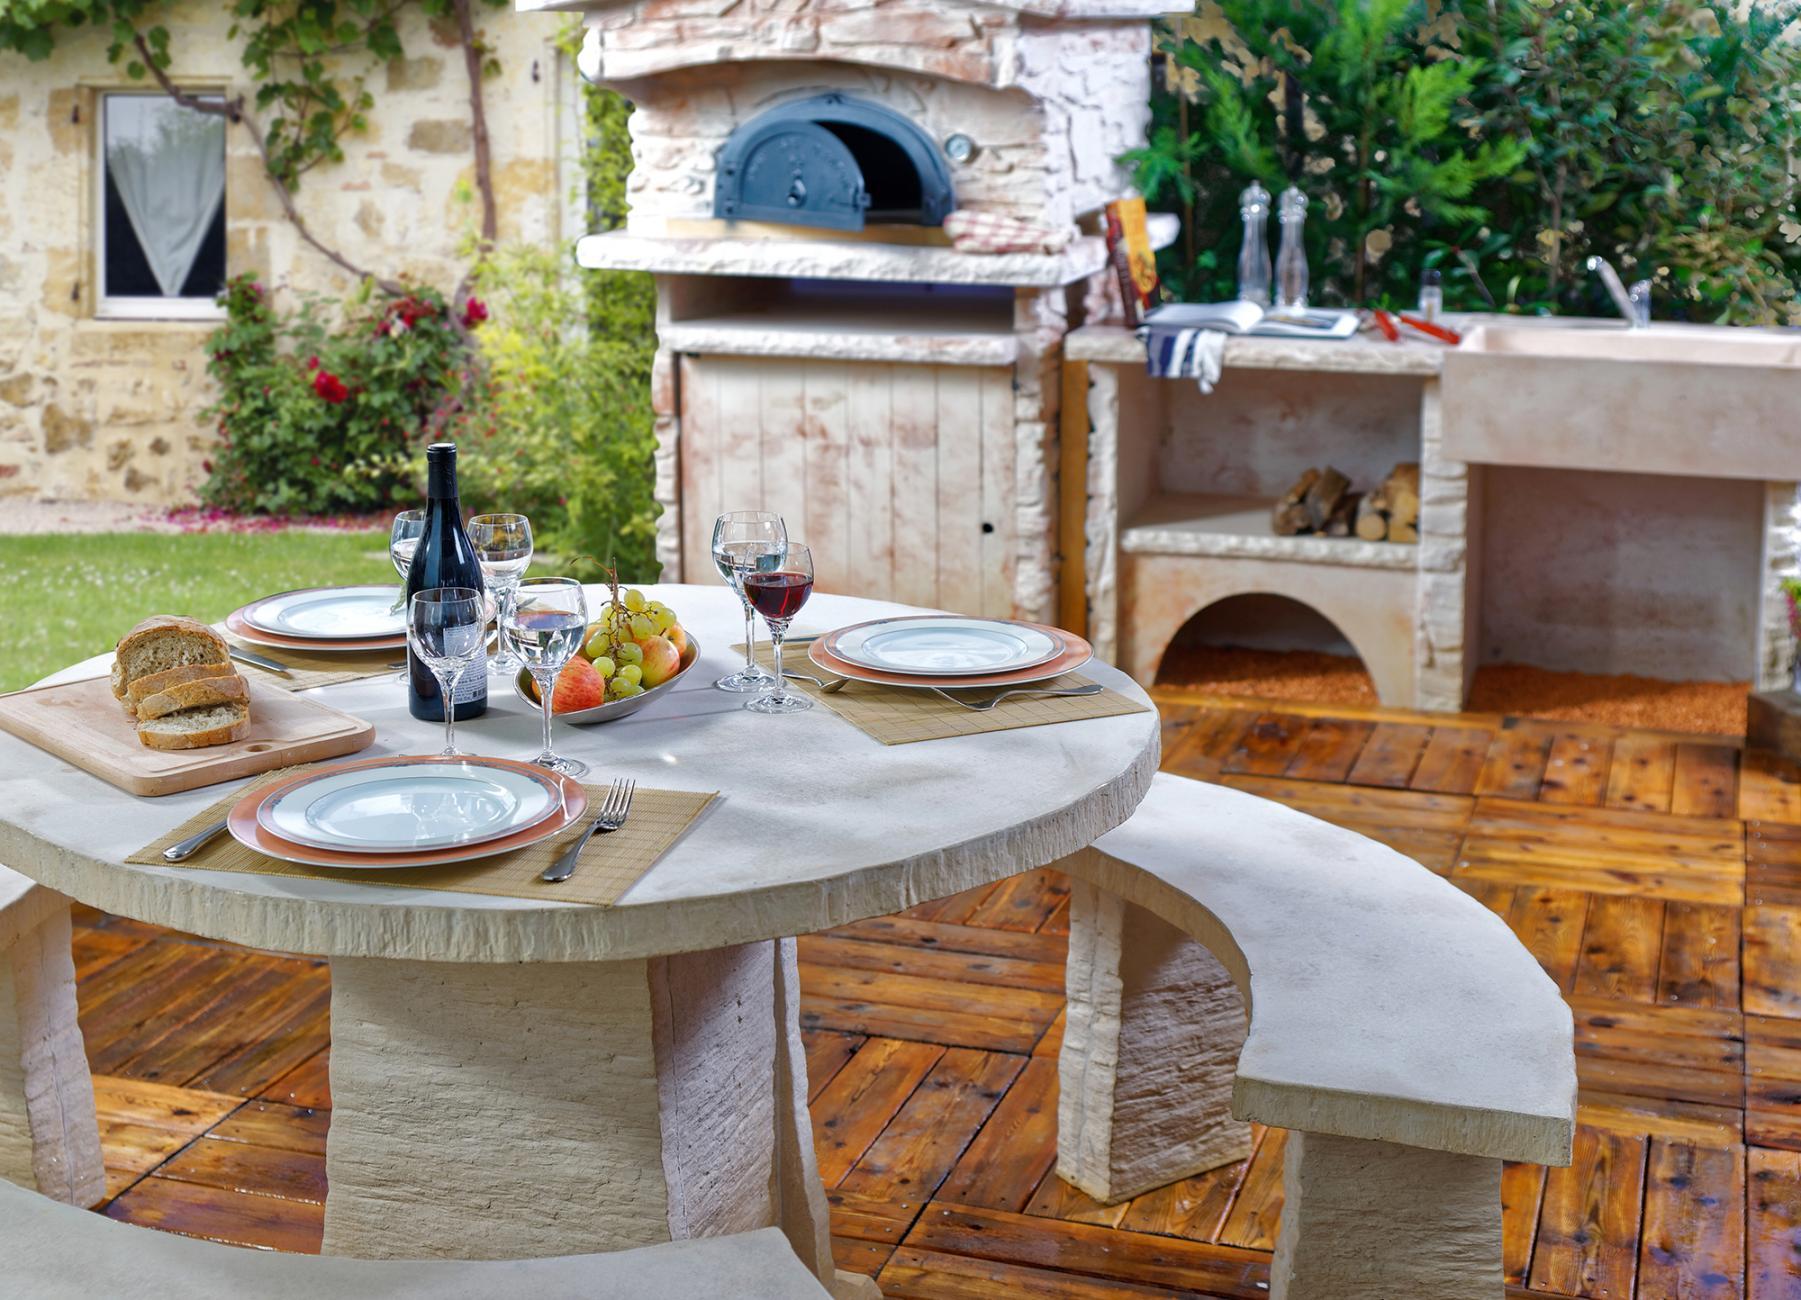 Cuisine Dété Extérieure Avec Four à Pizza Et Salon De Jardin